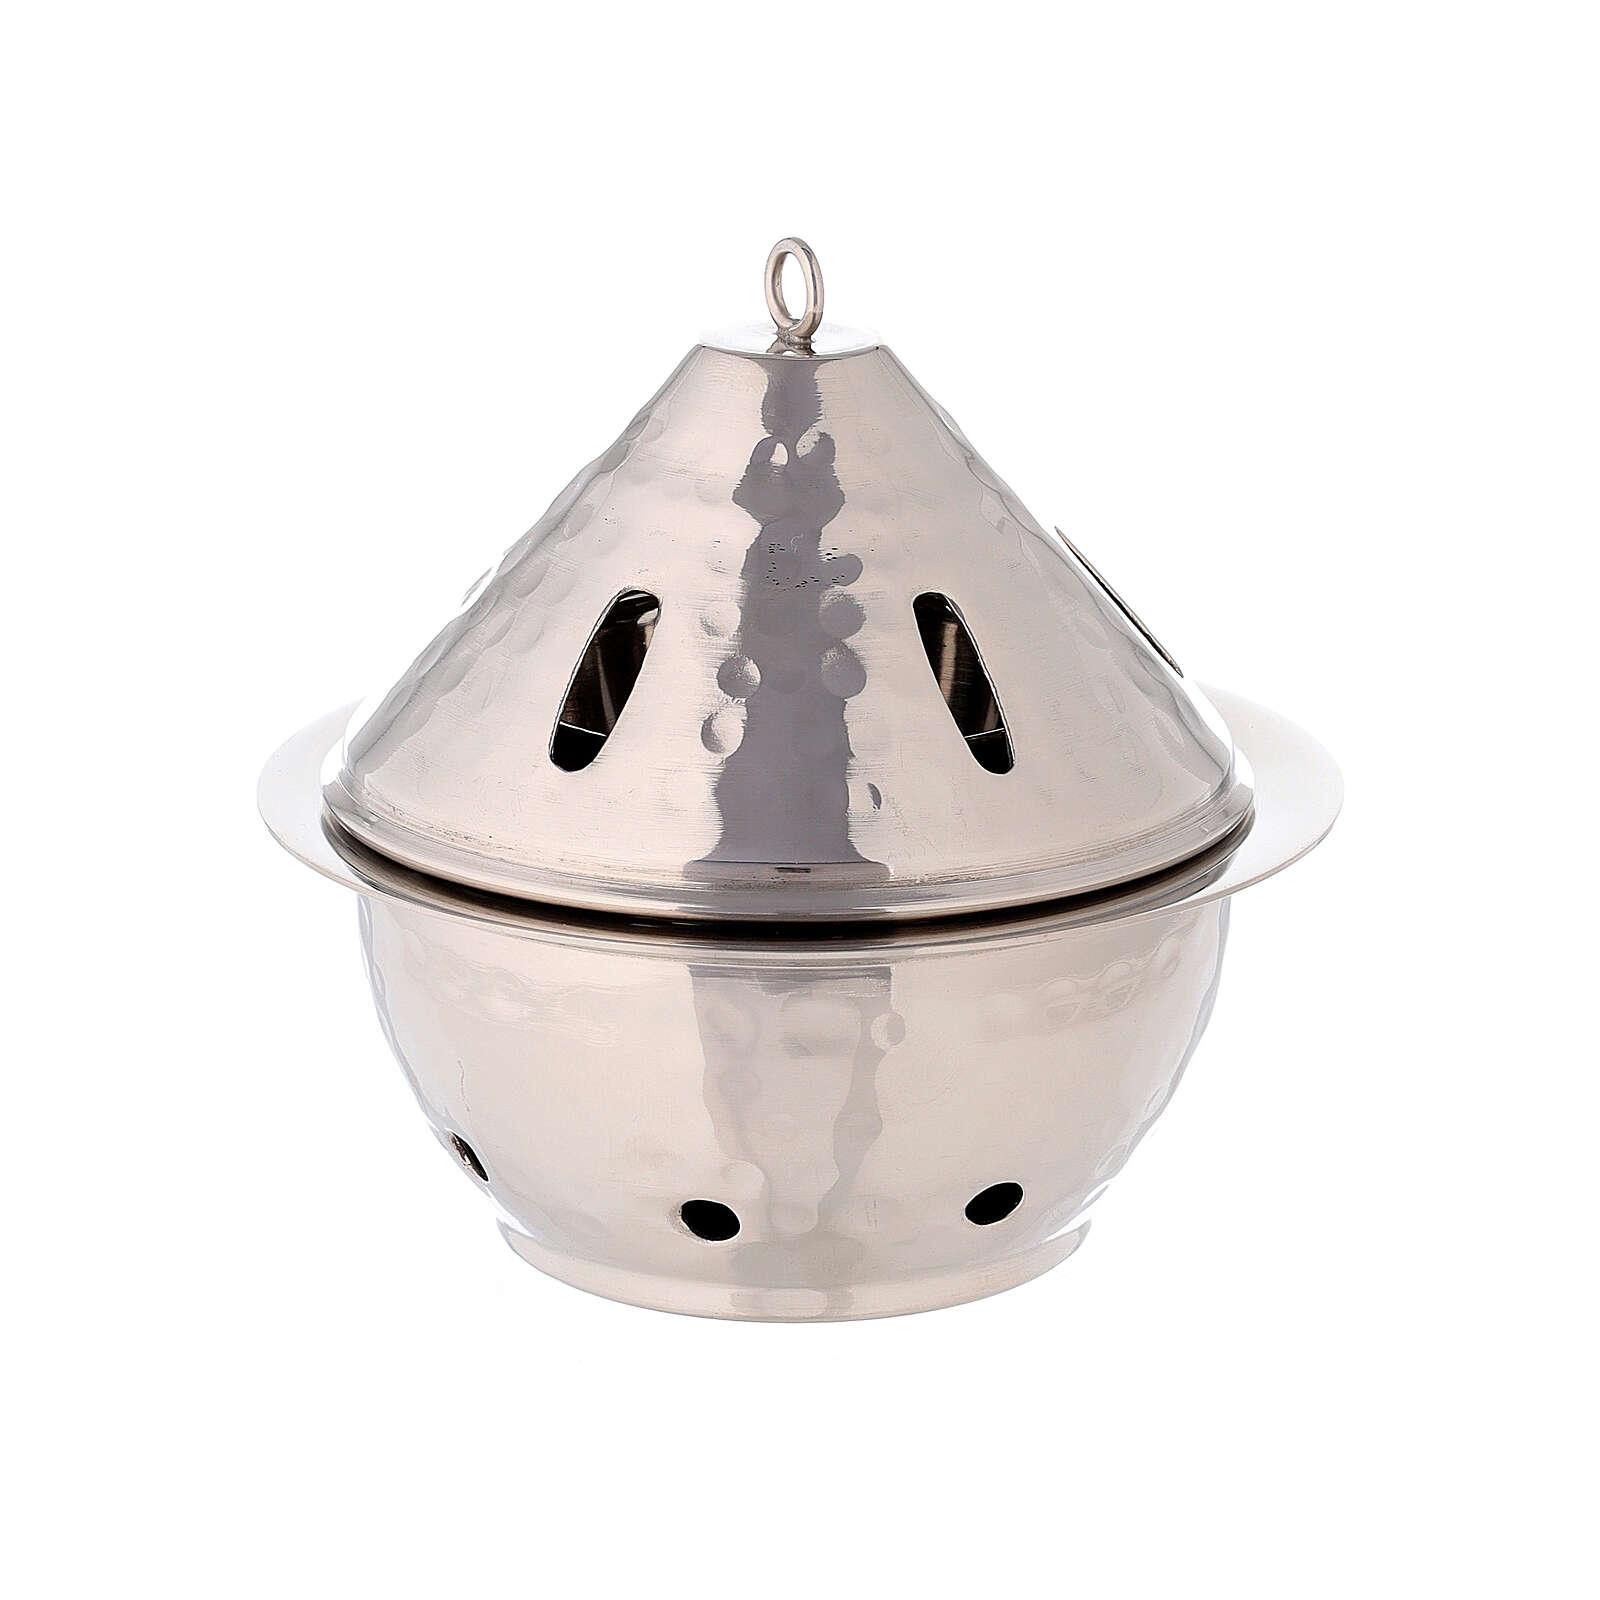 Brûle-encens goutte laiton nickelé martelé h 13 cm 3